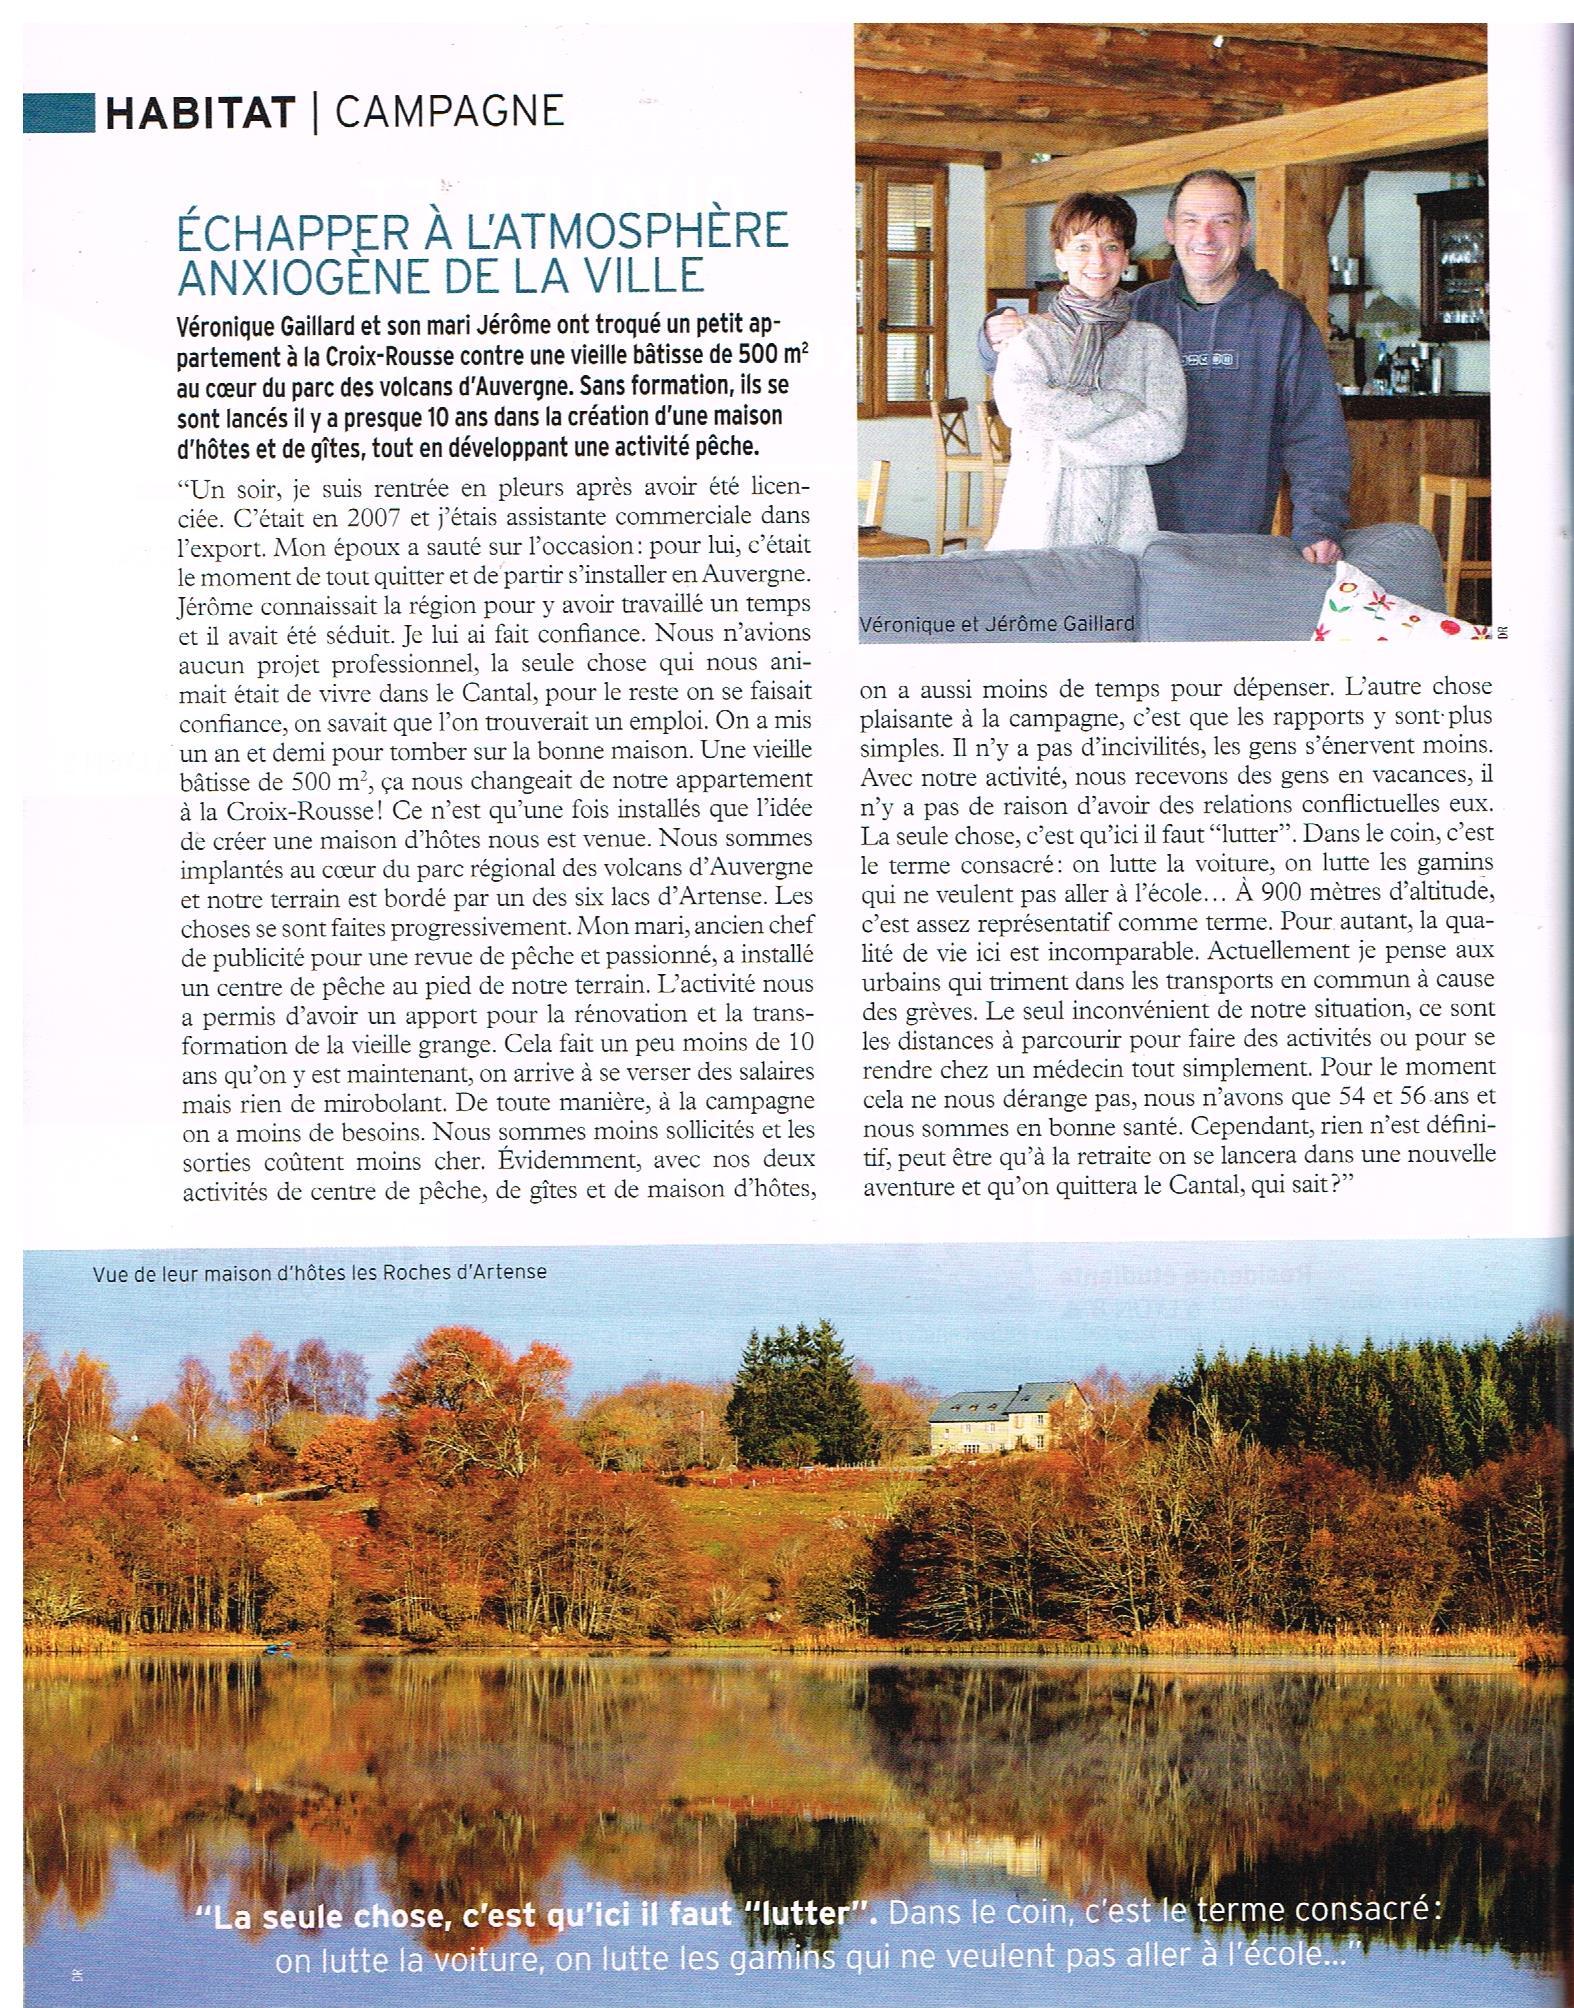 Véronique et Jérôme Gaillard hébergement les roches d'artense haut cantal auvergne